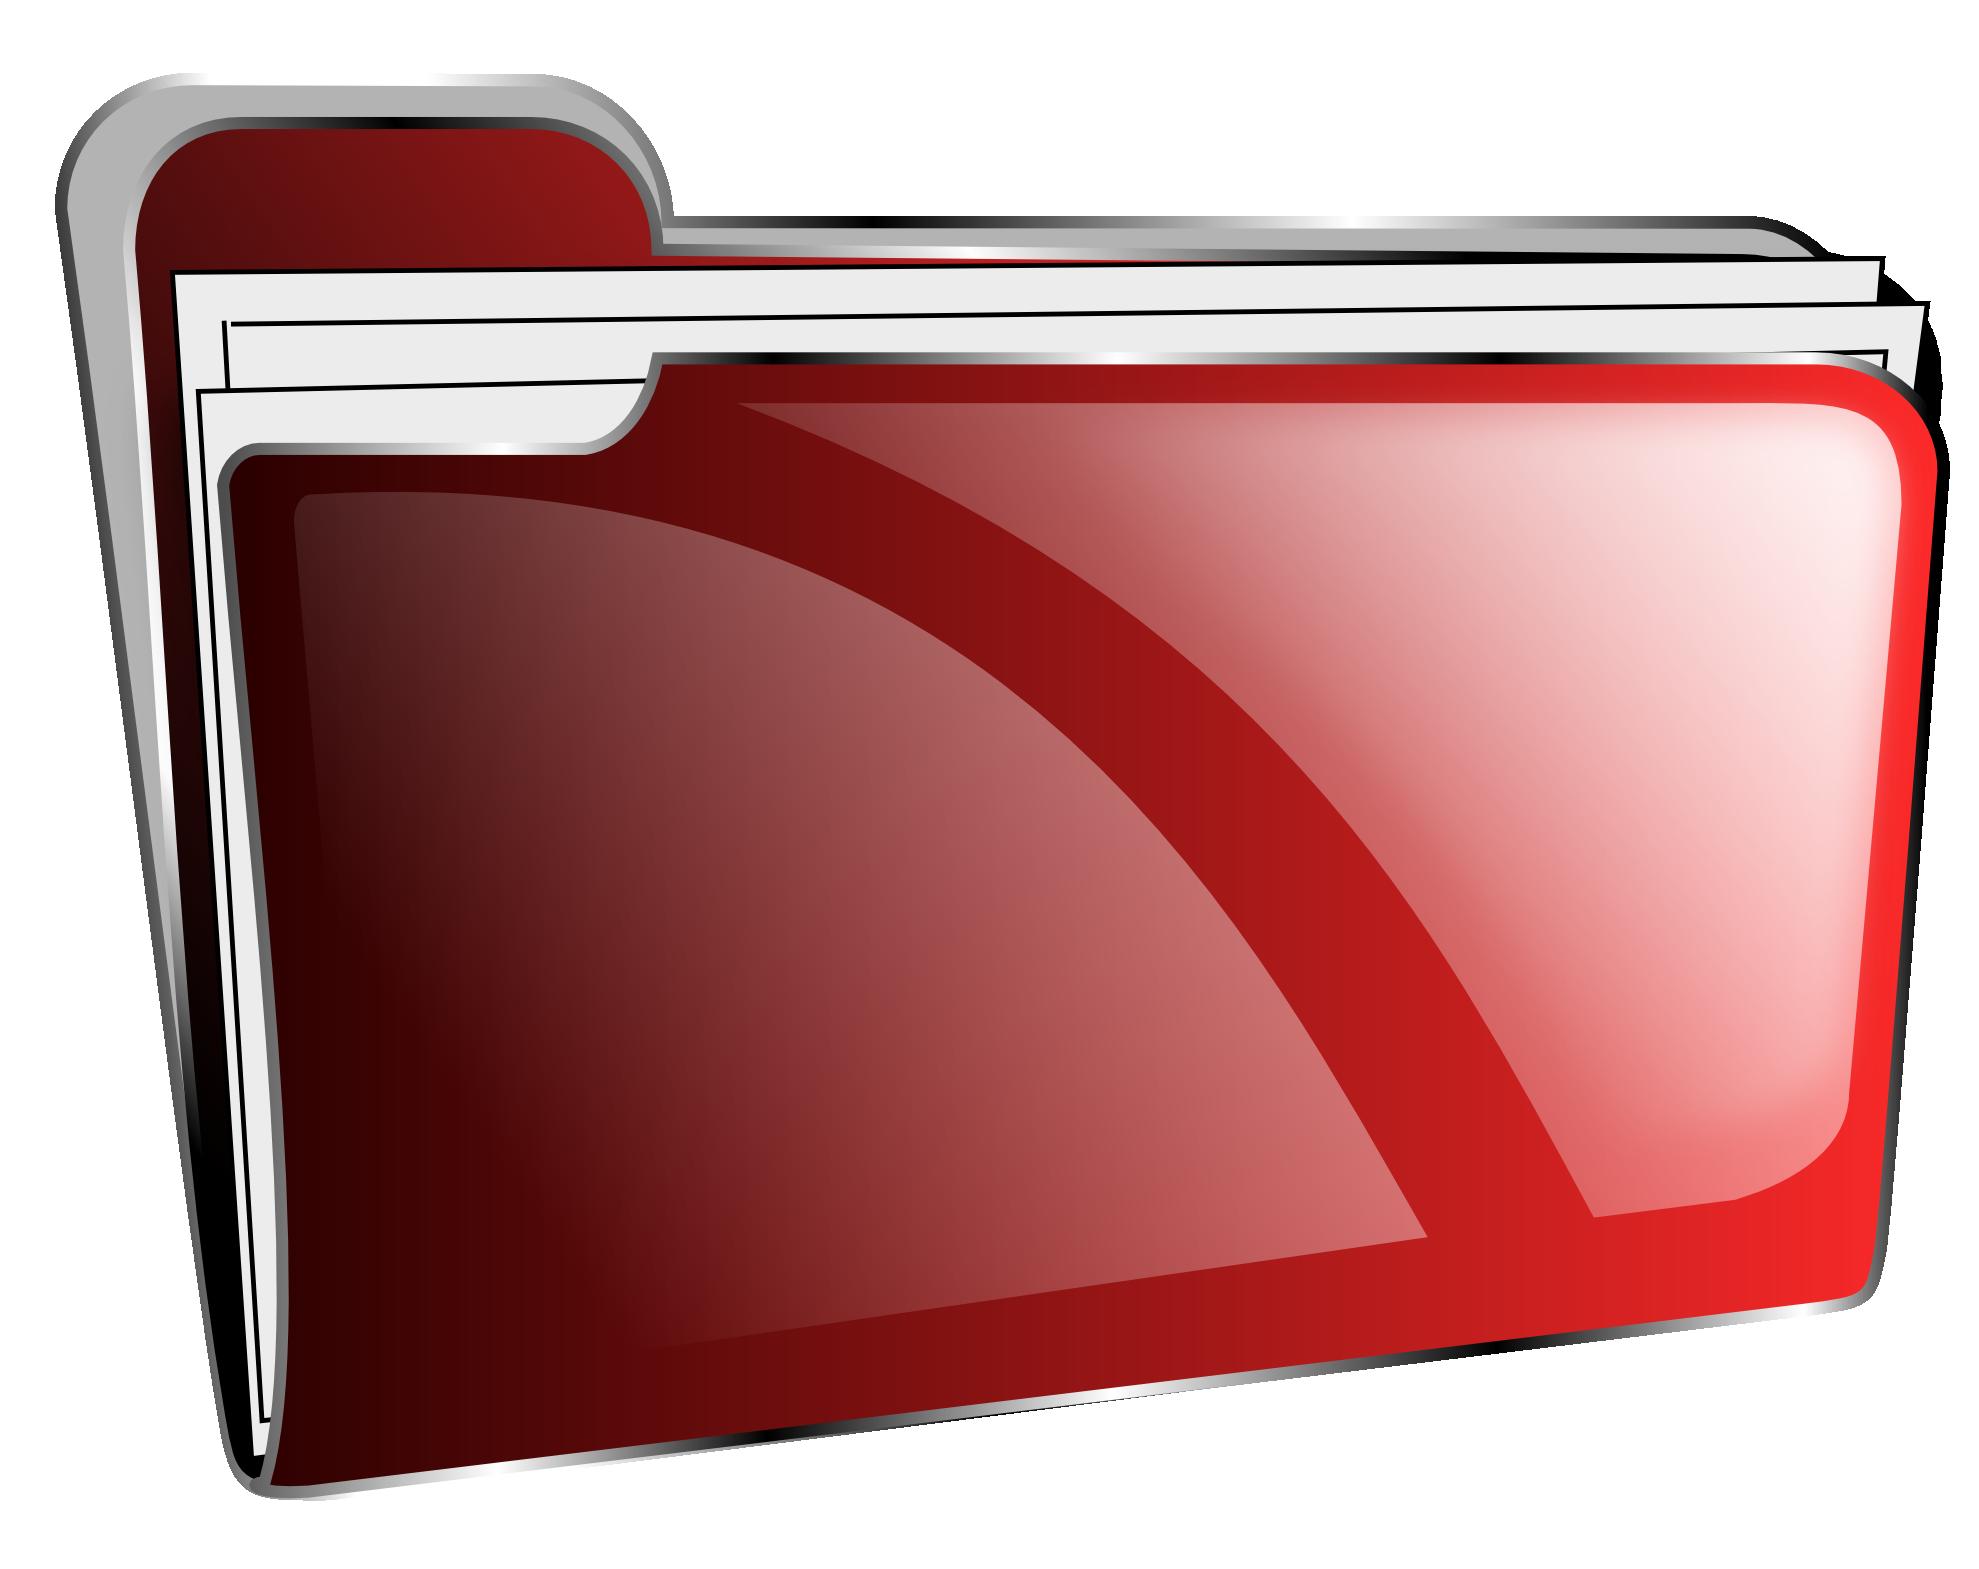 Folder PNG image - Folder PNG